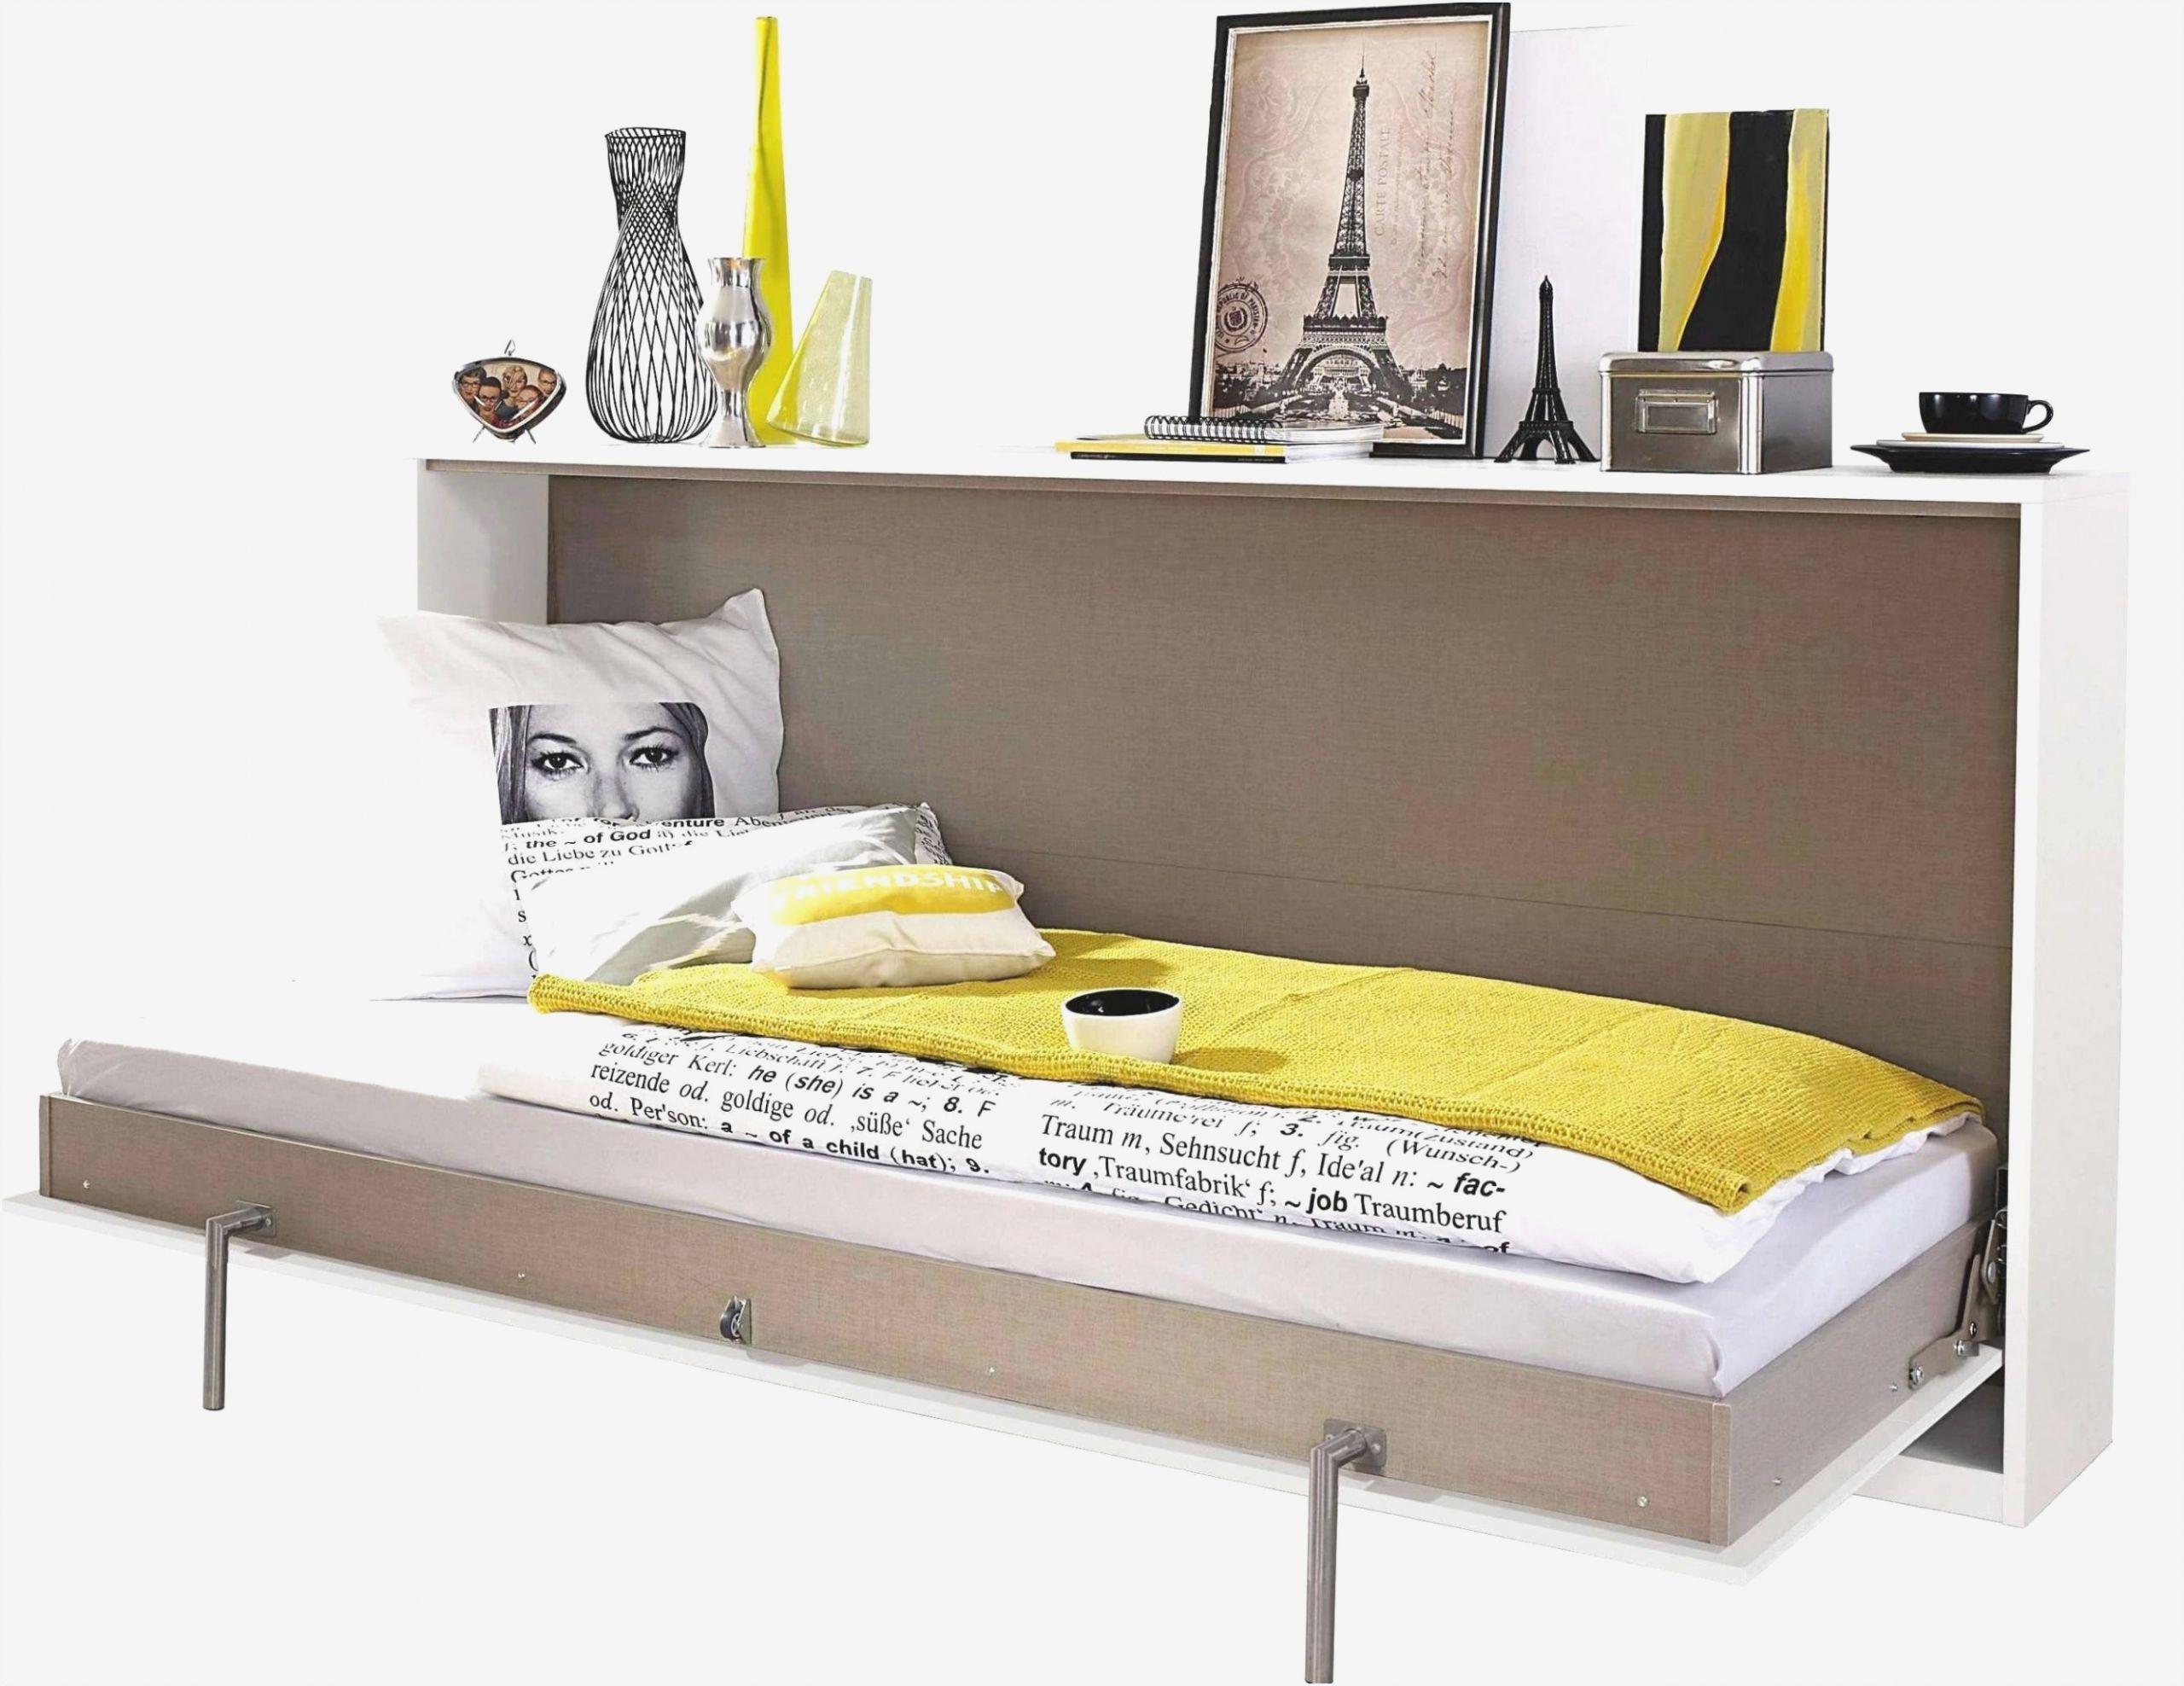 Full Size of Ikea Hack Sitzbank Esszimmer Mit Stauraum Kinderzimmer Traumhaus Betten Bei Bad Bett Küche Lehne Kaufen 160x200 Kosten Schlafzimmer Garten Miniküche Sofa Wohnzimmer Ikea Hack Sitzbank Esszimmer